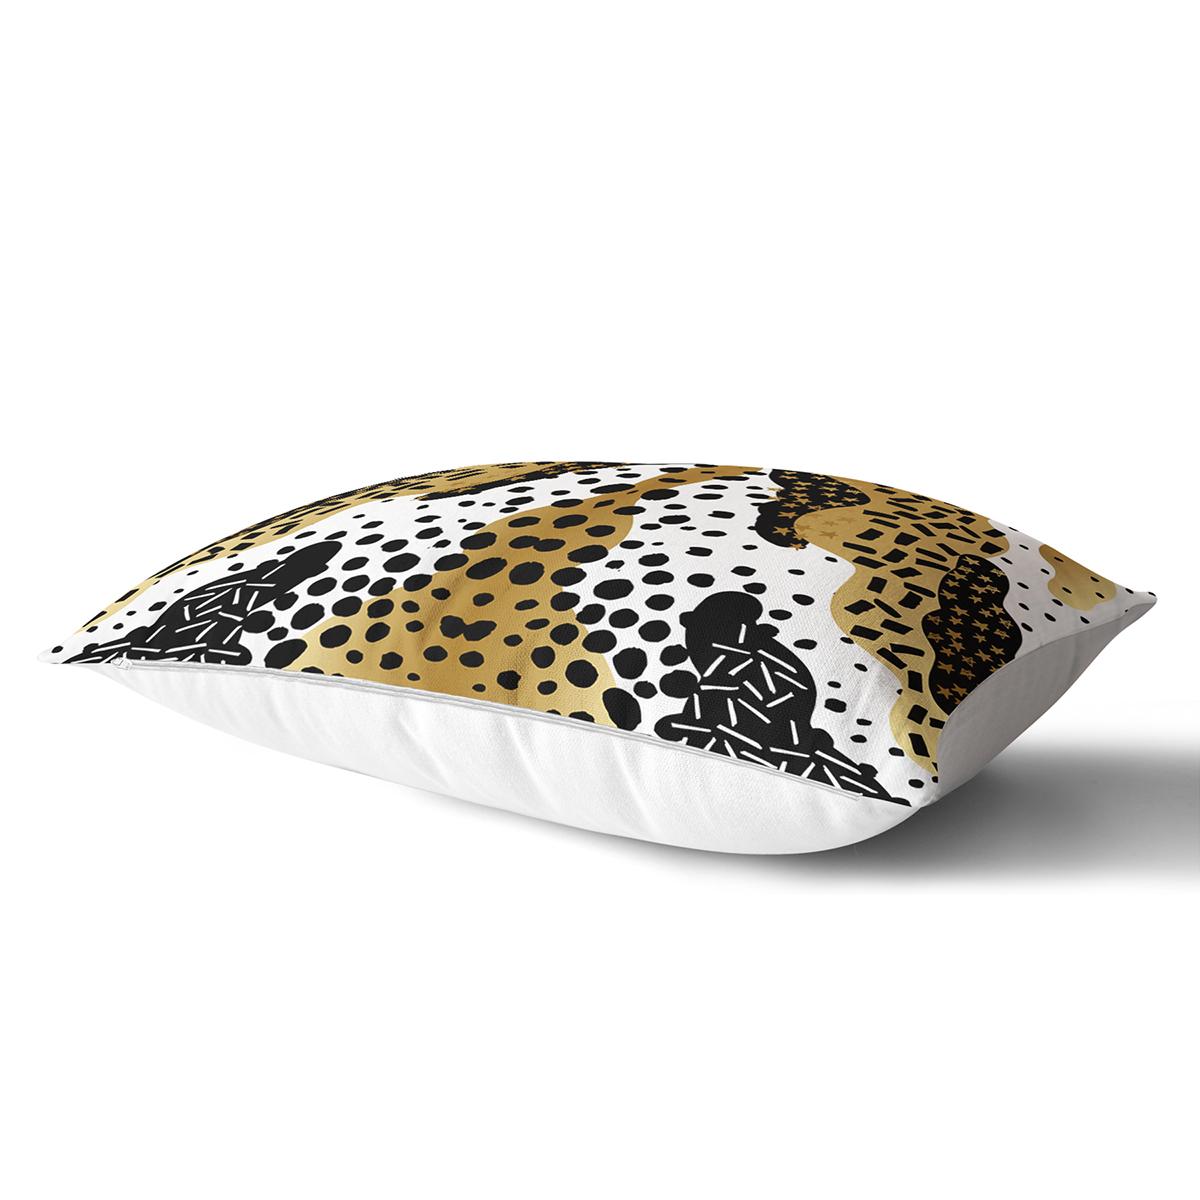 Beyaz Zemin Üzerinde Gold Detaylı Modern Desenli Modern Dikdörtgen Yastık Kırlent Kılıfı Realhomes